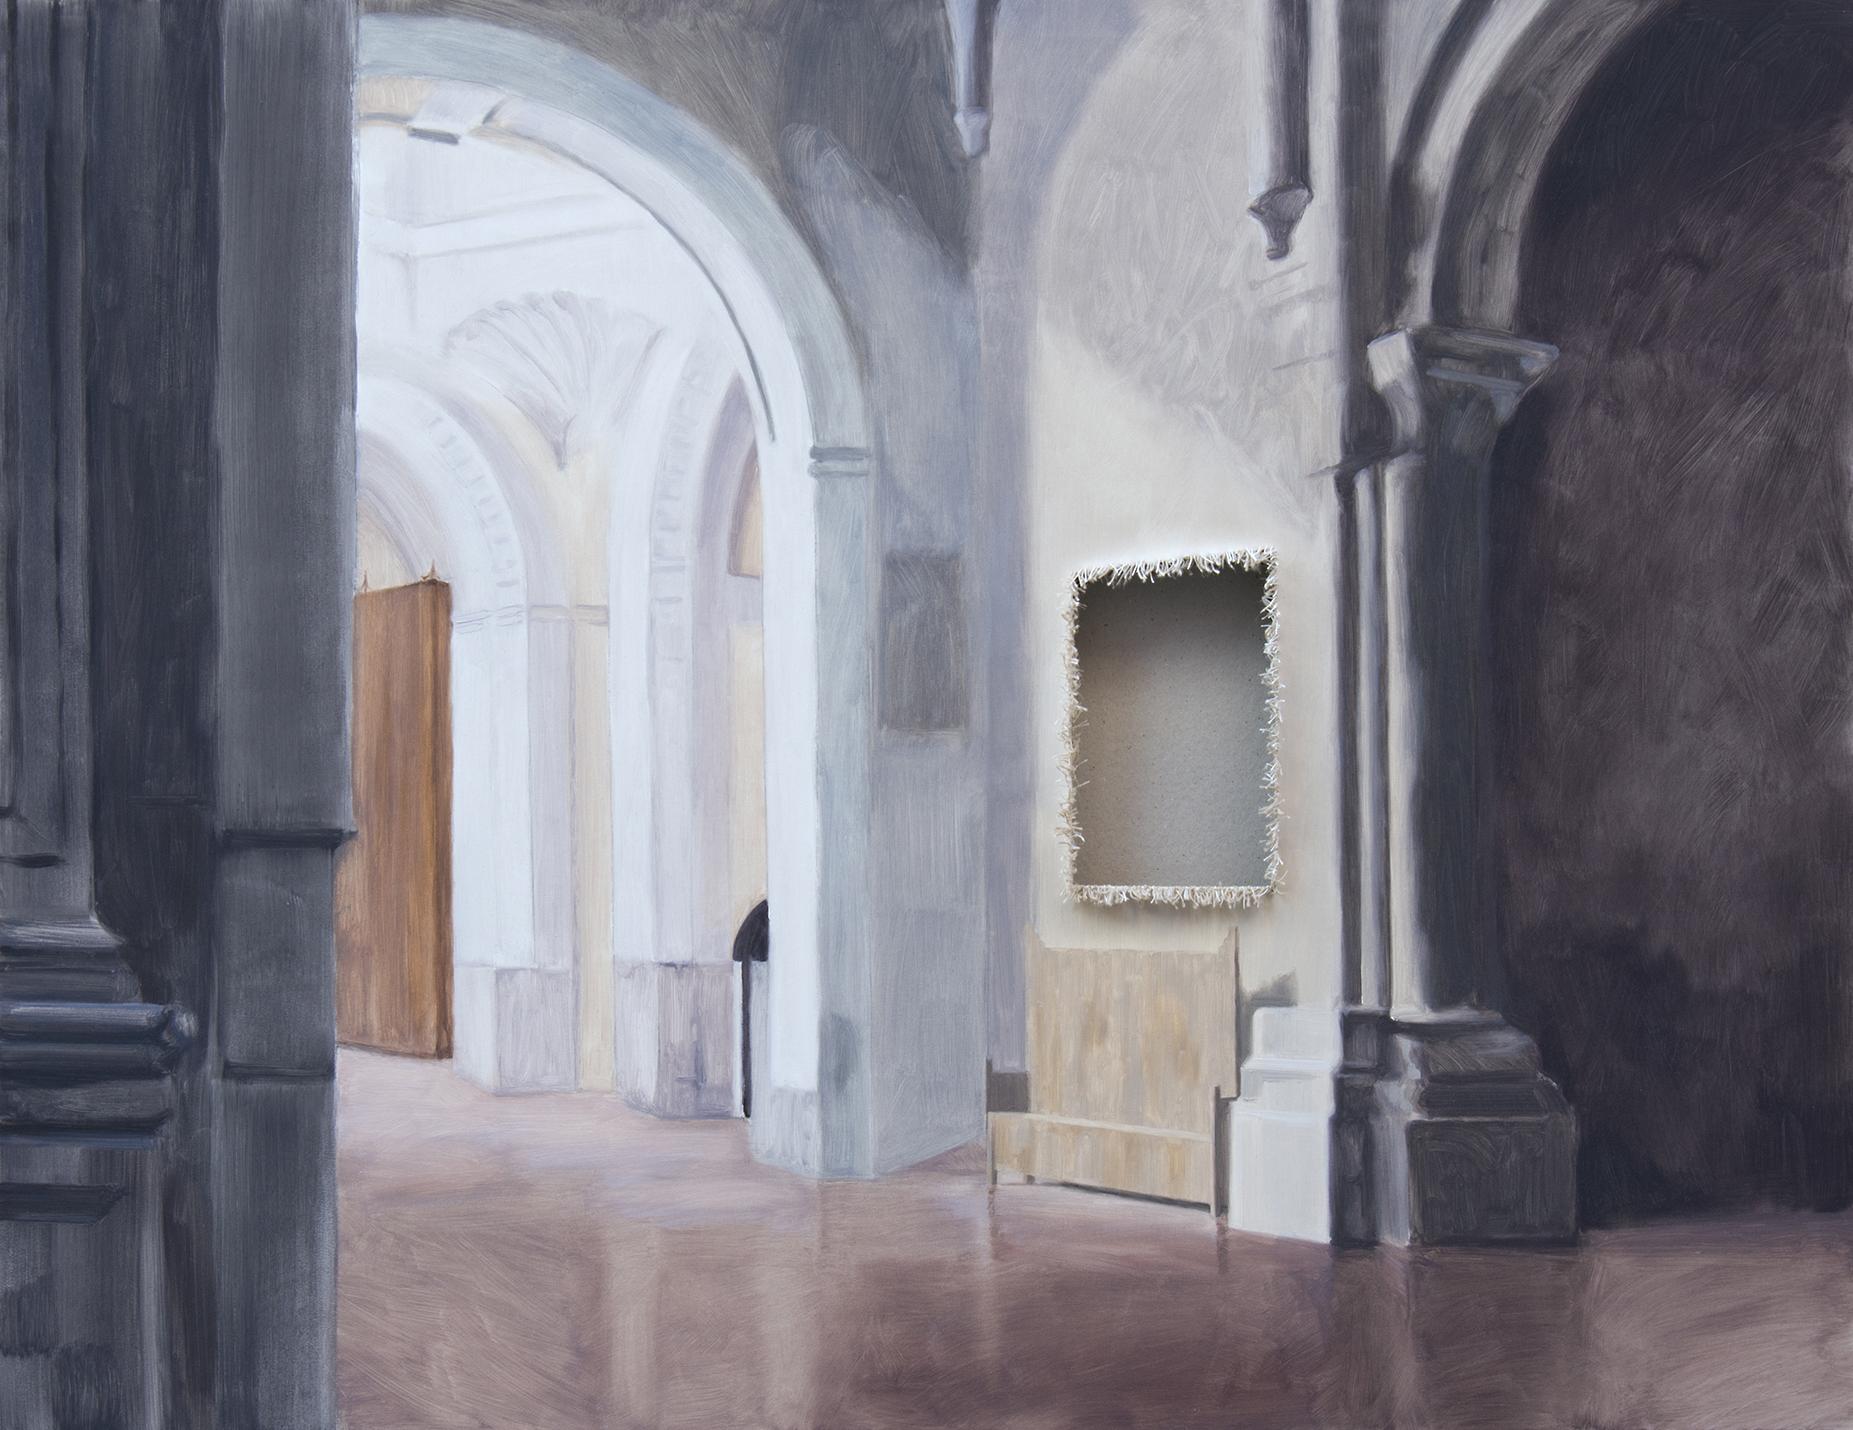 Sustracción en el Monasterio de la Santa Espina (Claudio Coello). Óleo sobre lienzo. 100 x 130 cm.